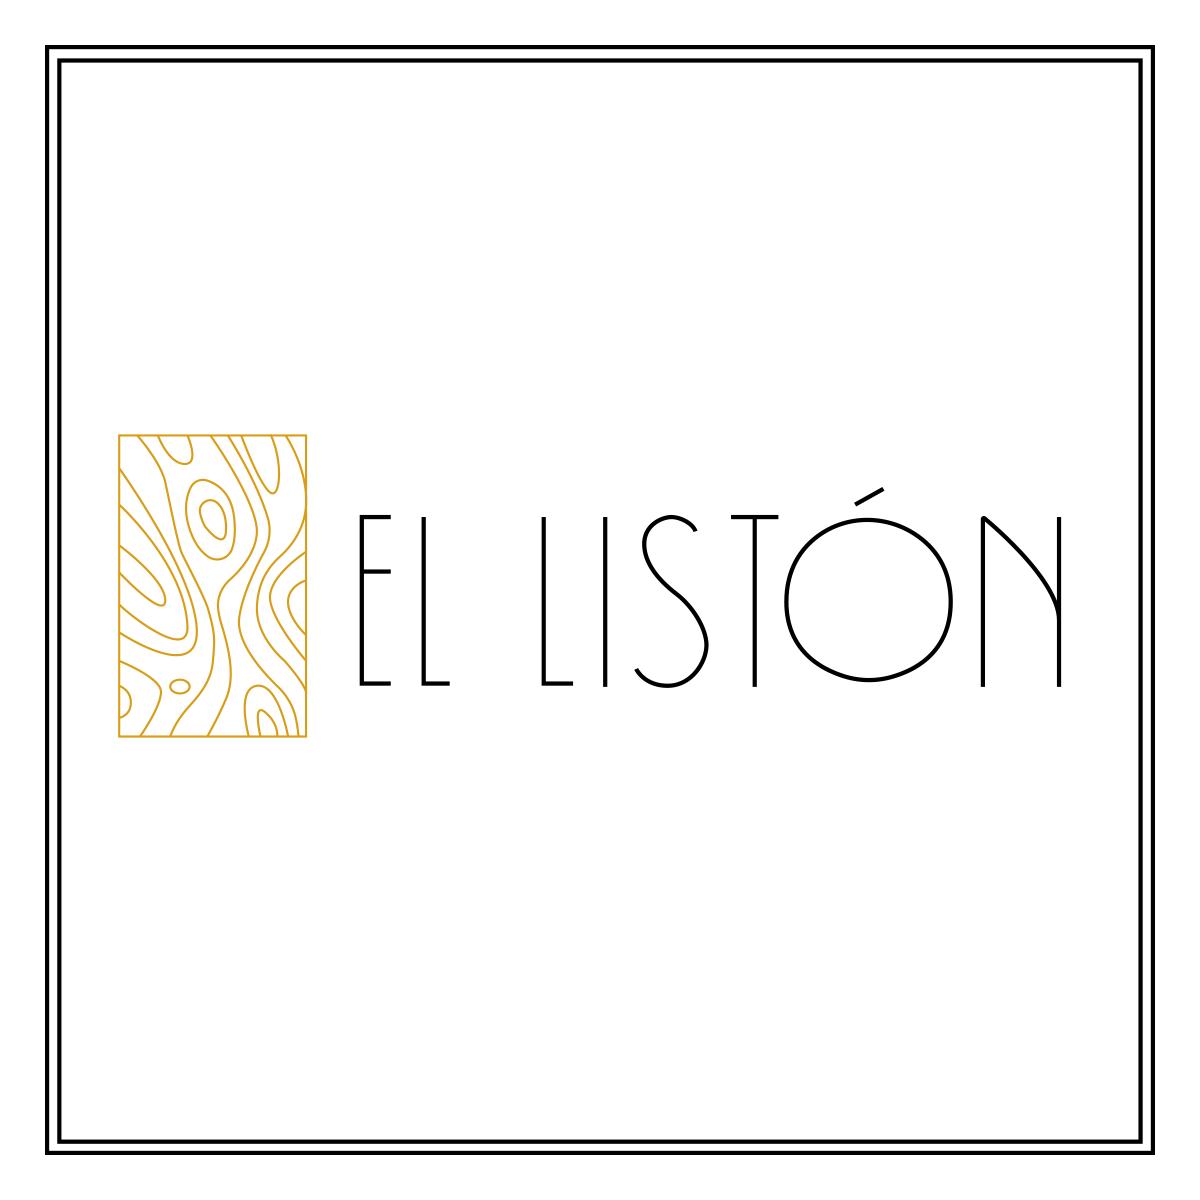 restaurante-el-lsiton